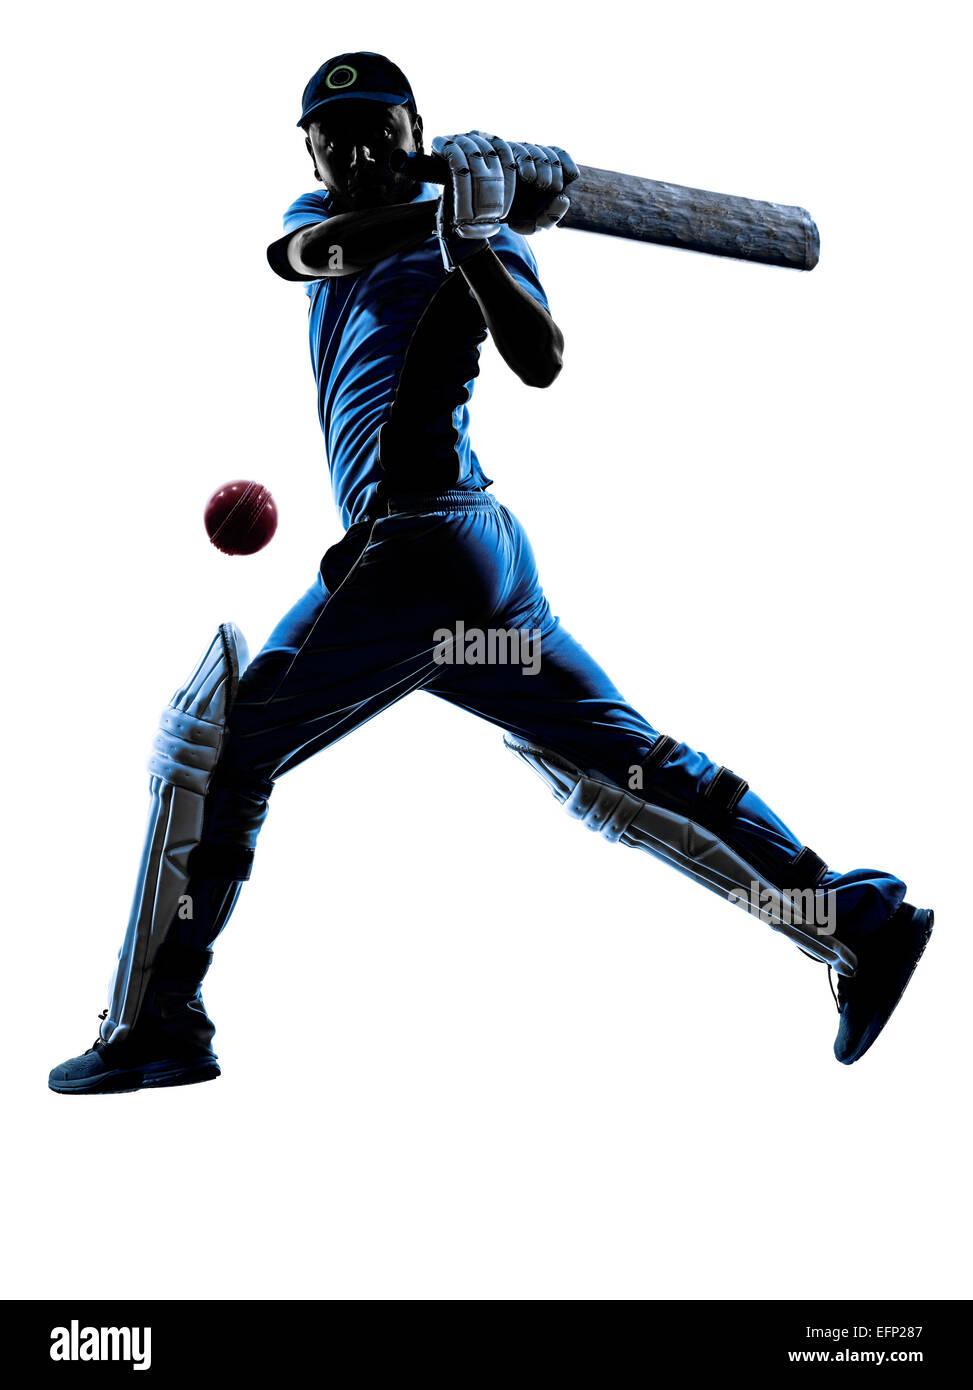 Giocatore di cricket battitore in silhouette ombra su sfondo bianco Immagini Stock